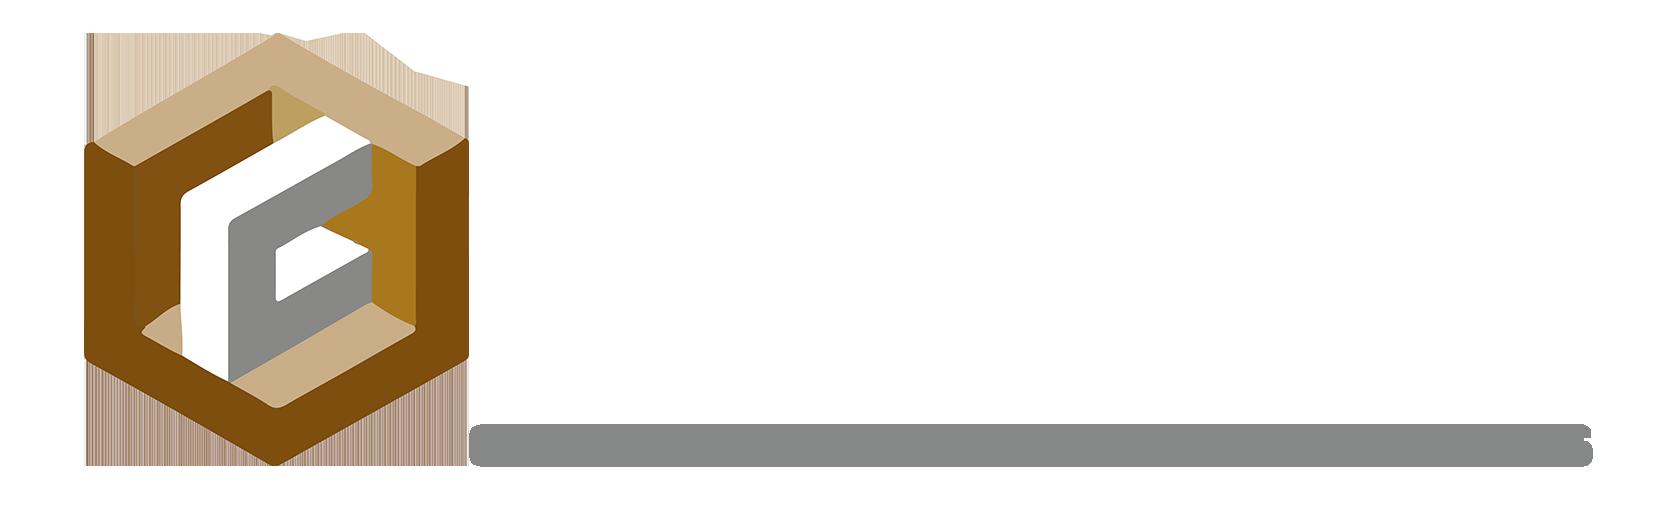 concretease-objets